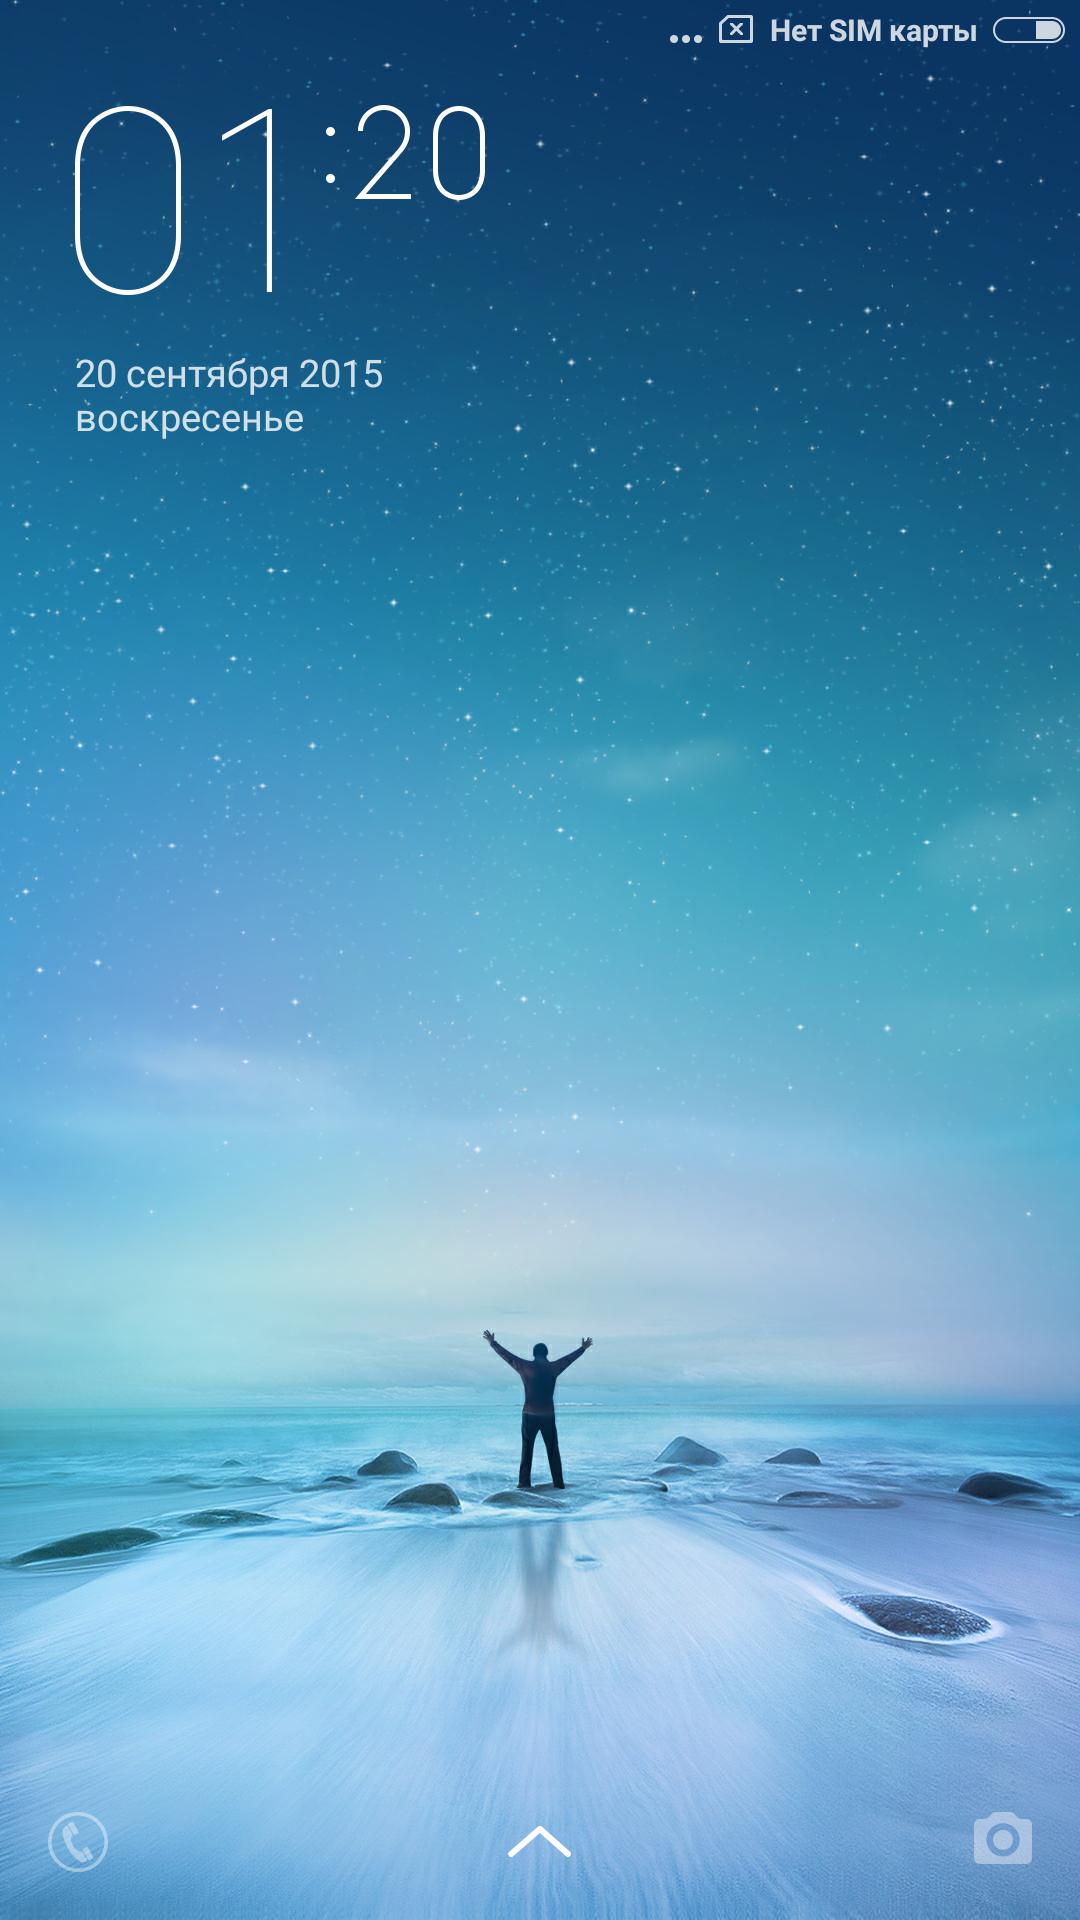 Обзор лучшего бюджетника 2015 года — Xiaomi Redmi Note 2 - 19